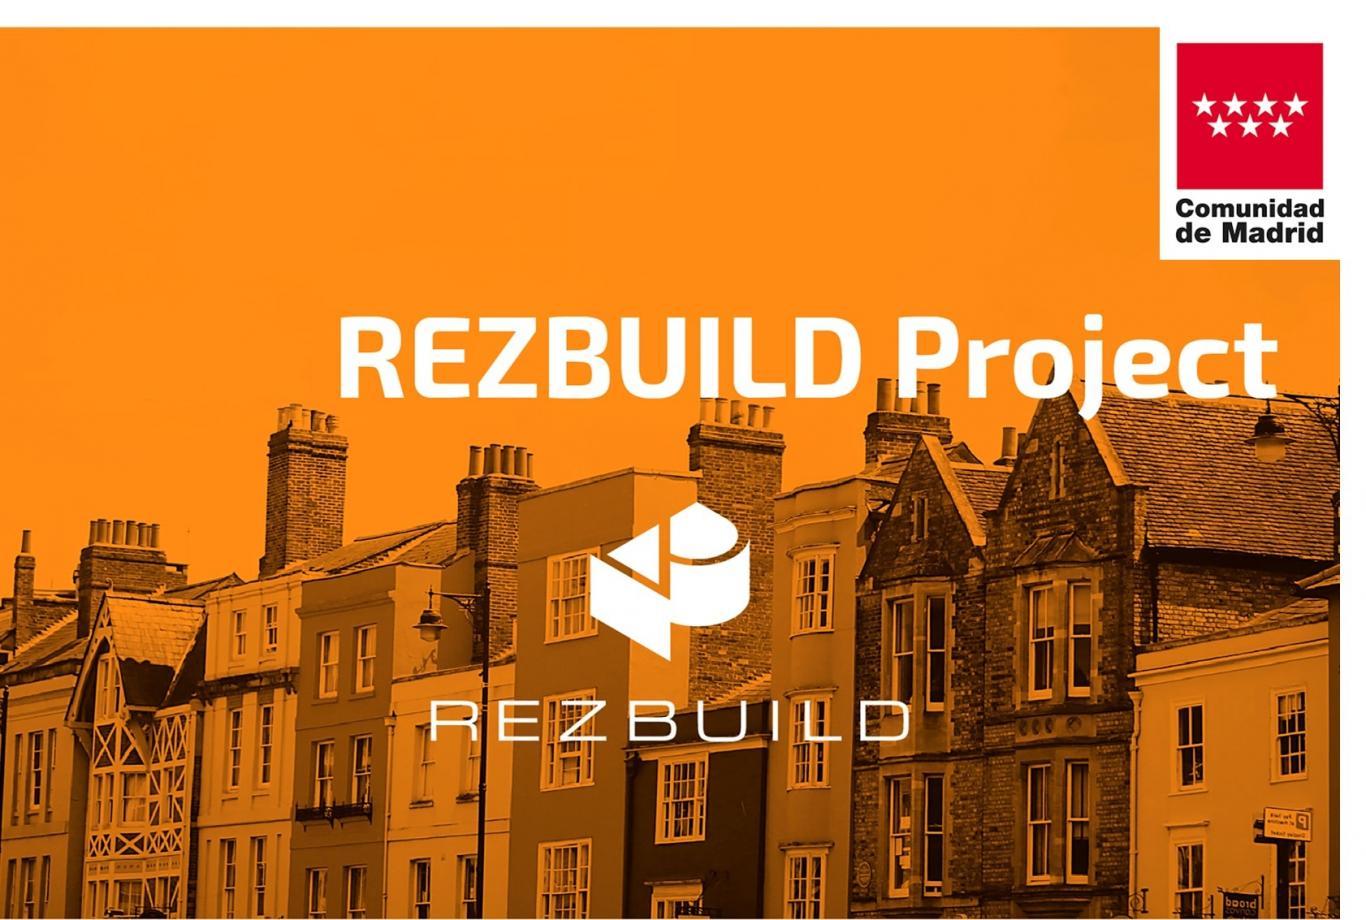 Imagen Rezbuild